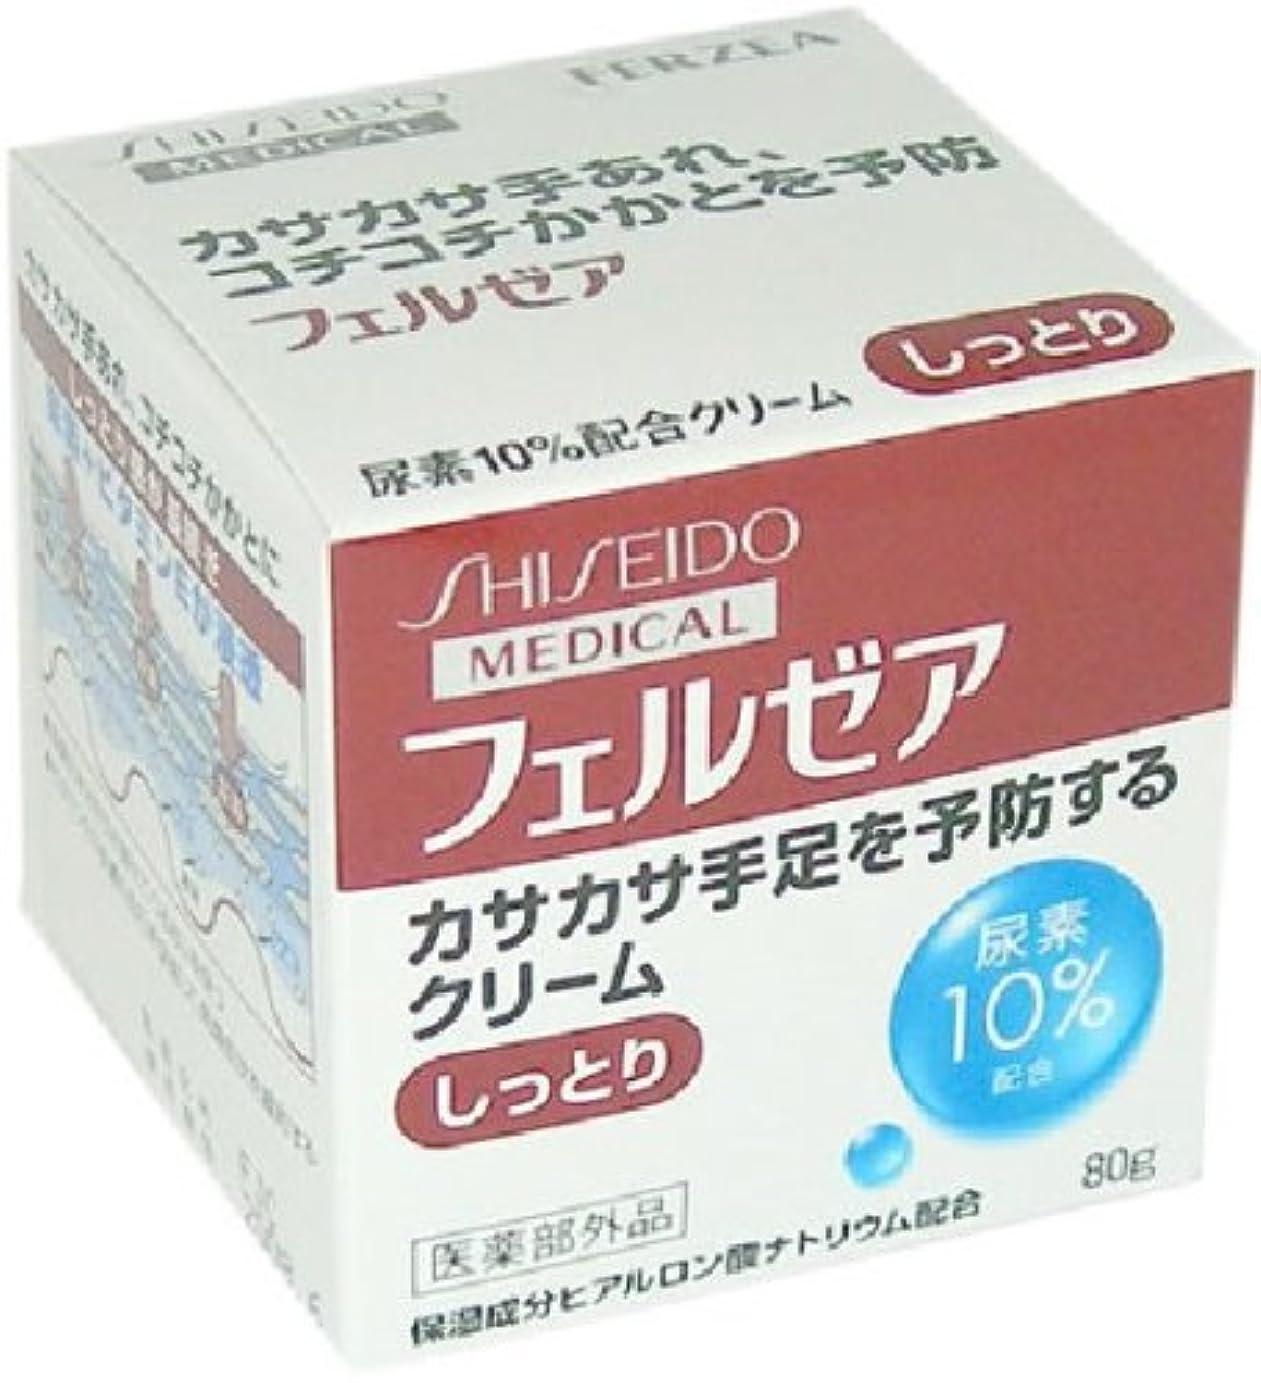 不幸幹慣れているフェルゼア クリームM しっとりジャータイプ 尿素10%配合 80g [指定医薬部外品]